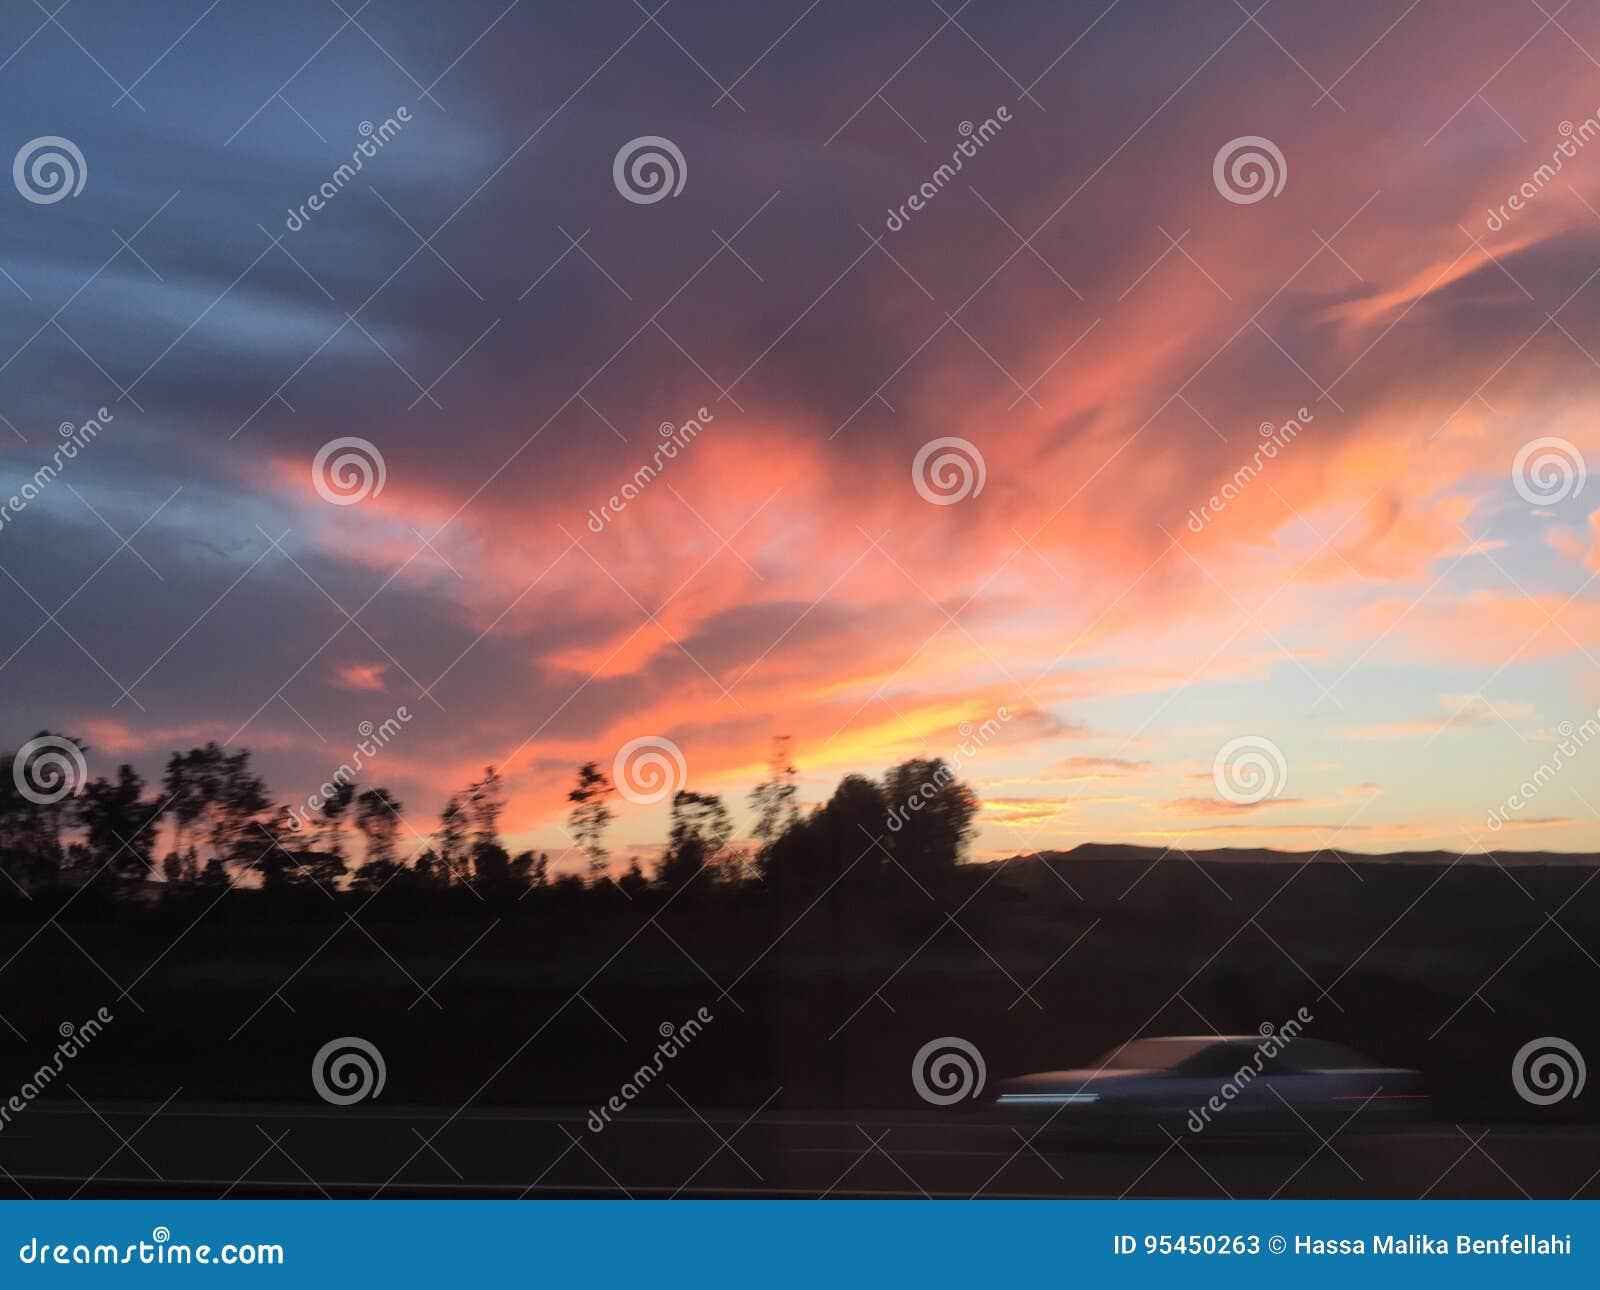 Στιγμιότυπο μιας στιγμής ηλιοβασιλέματος